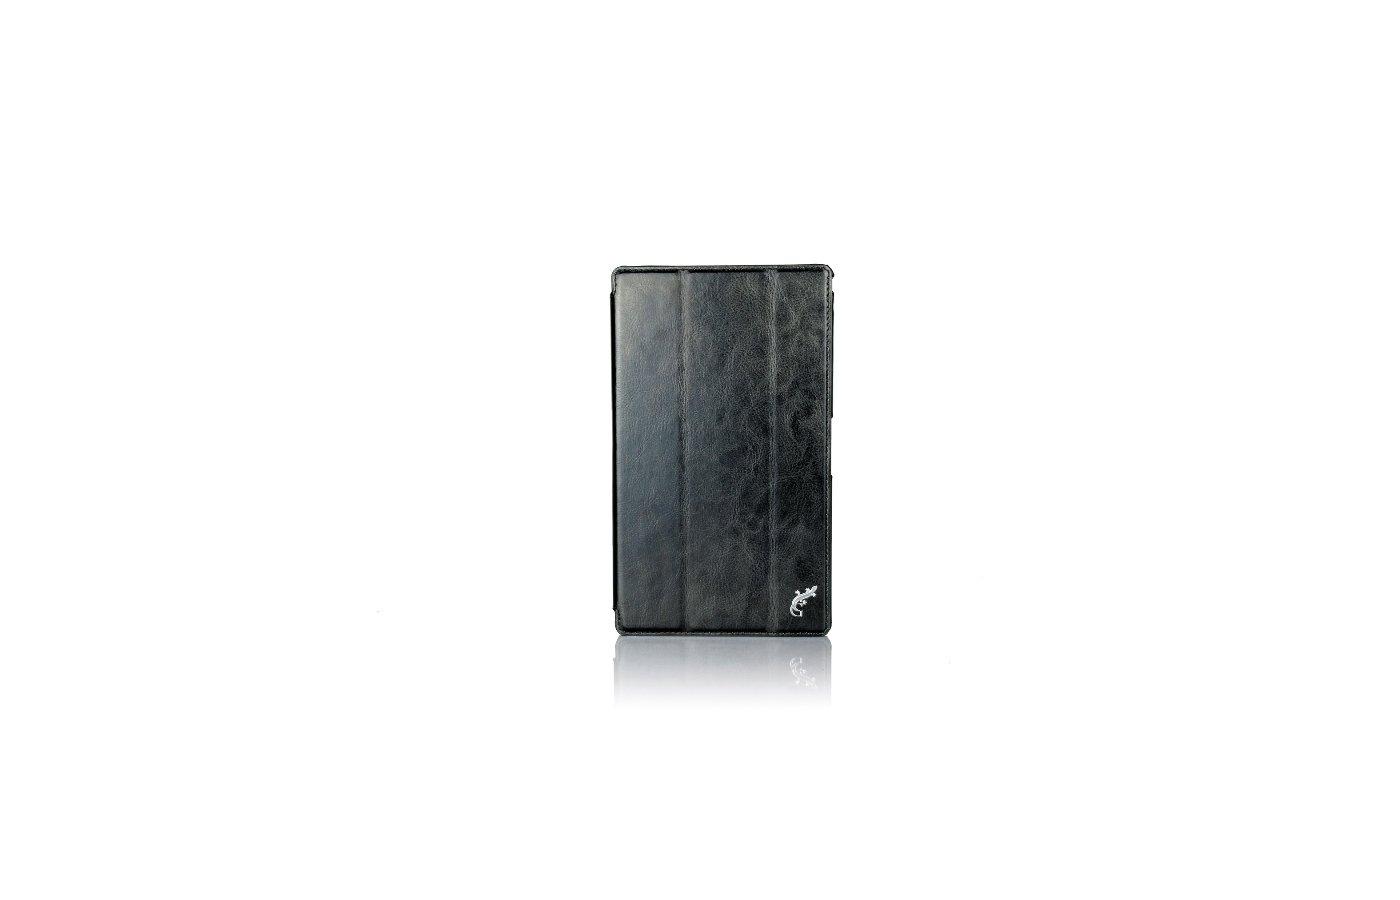 Чехол для планшетного ПК G-Case Slim Premium для Sony Xperia Tablet Z3 Compact 8.0 черный